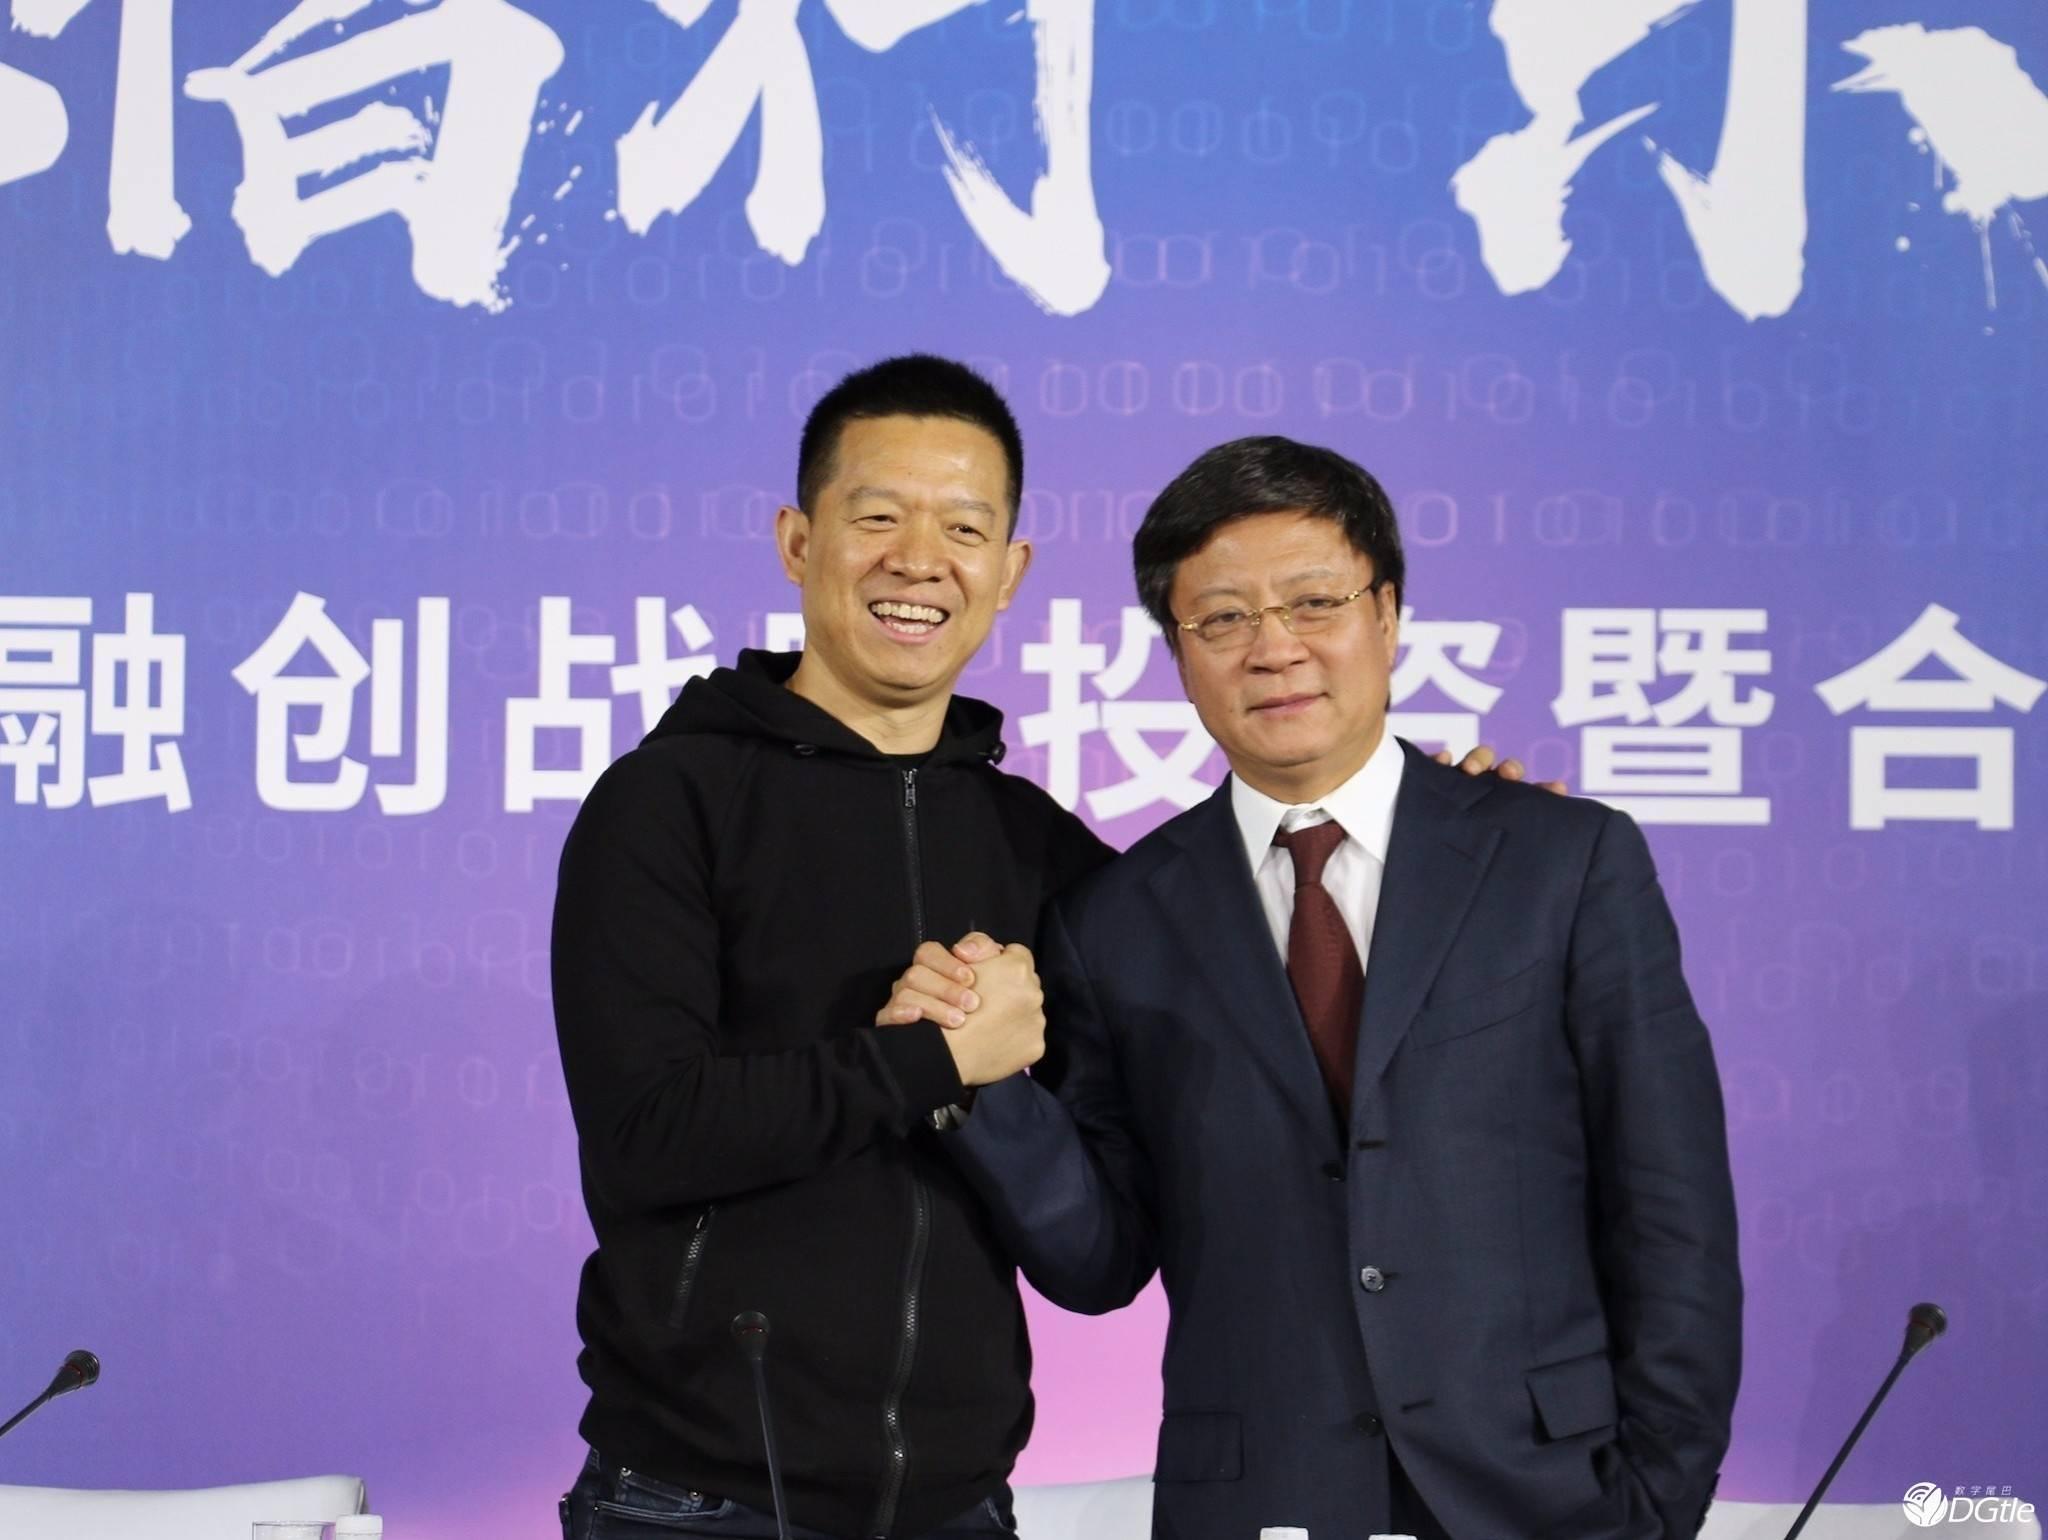 孙宏斌与贾跃亭